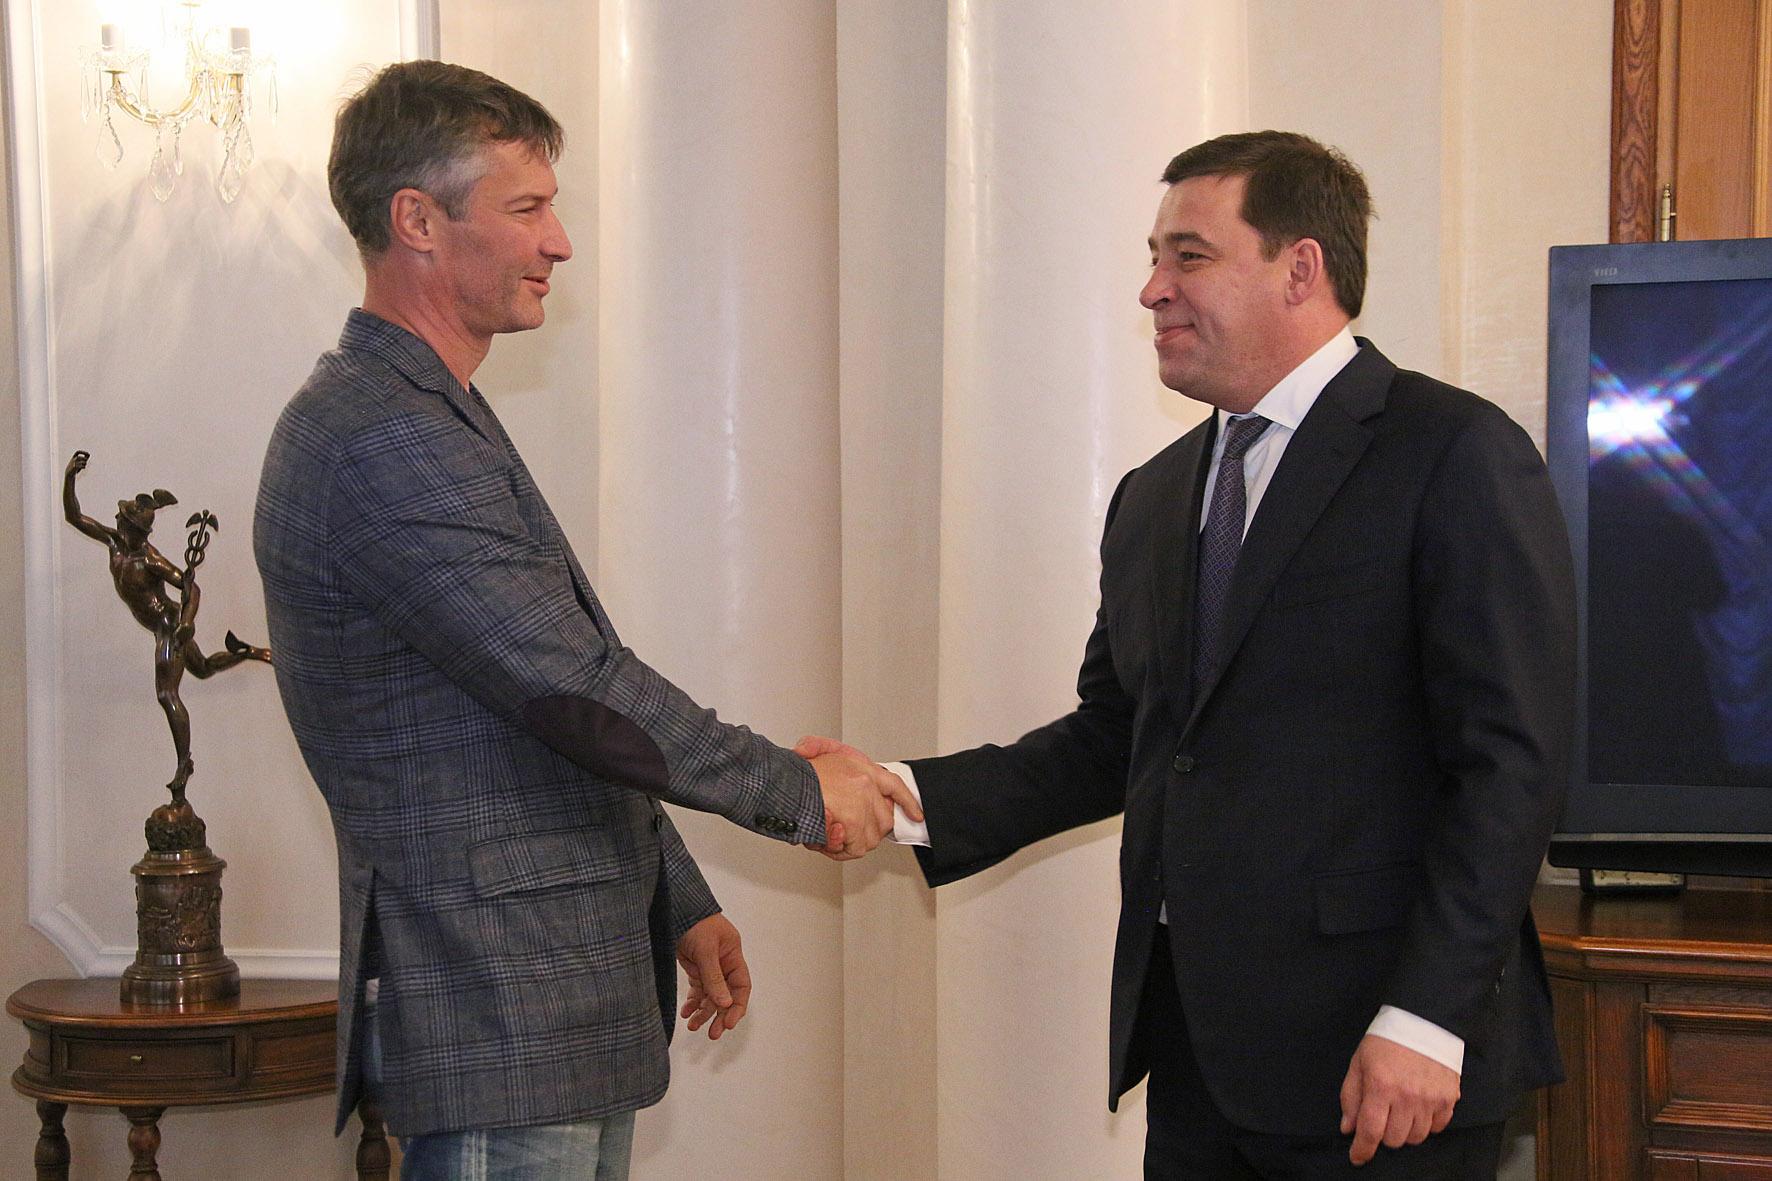 Не прошло и полгода: губернатор поздравил мэра с победой на выборах